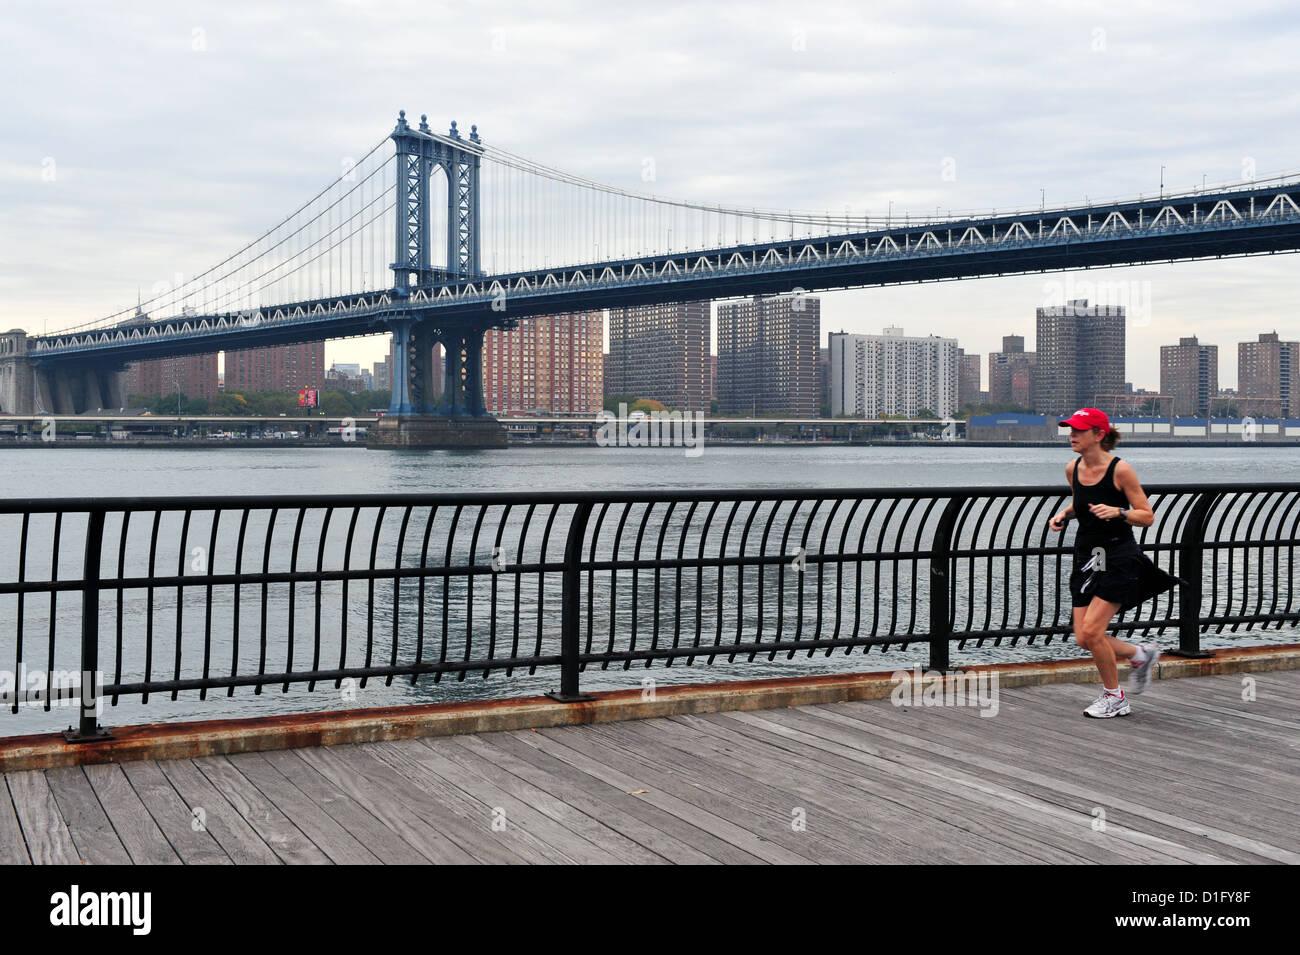 American Woman fonctionne sous pont de Manhattan le 10 octobre 2009 à Manhattan, New York. Banque D'Images